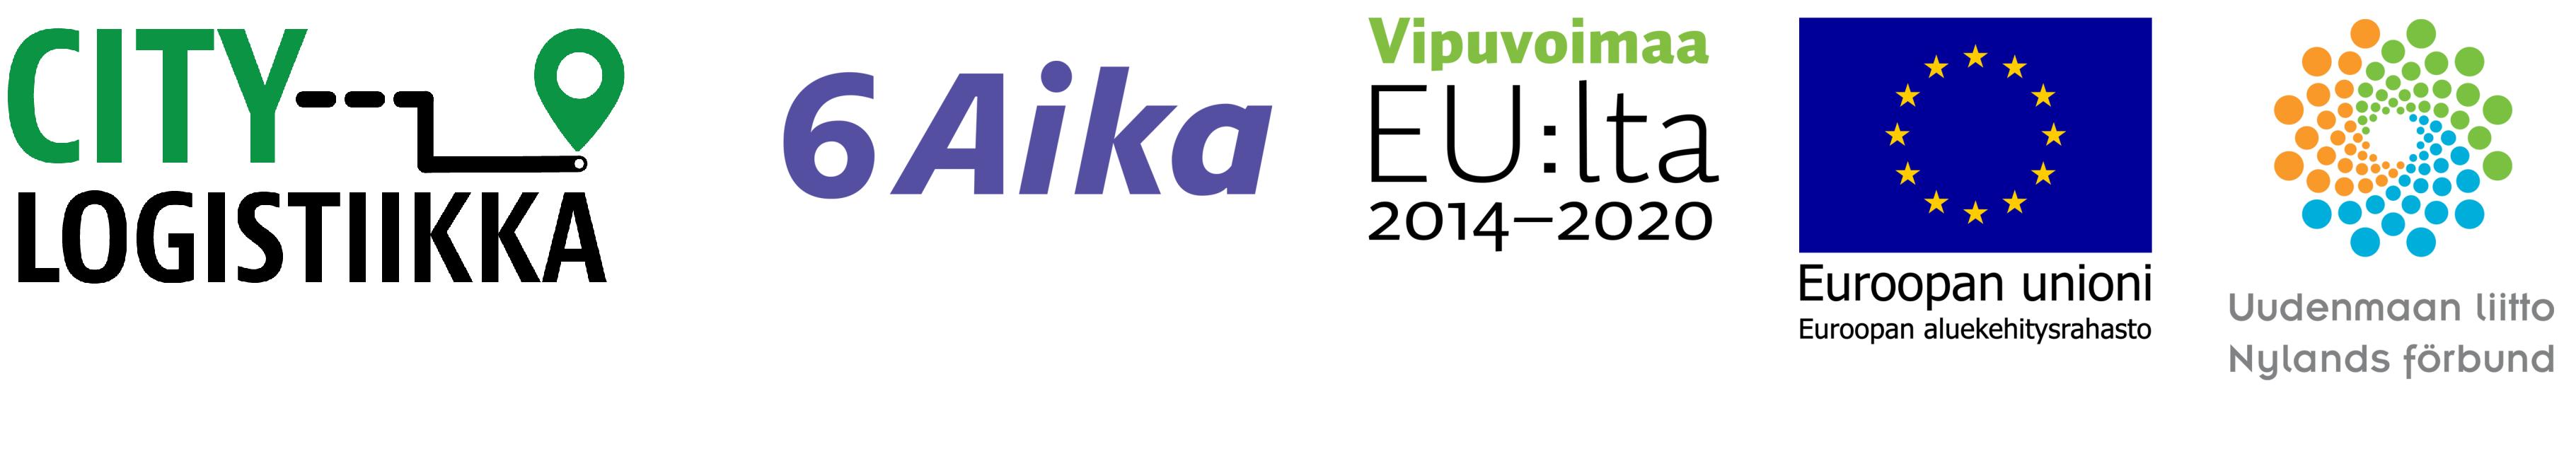 cityl_6aika-eu_eakr-vipuv-ul-banner-4000-1-002.png (272 KB)